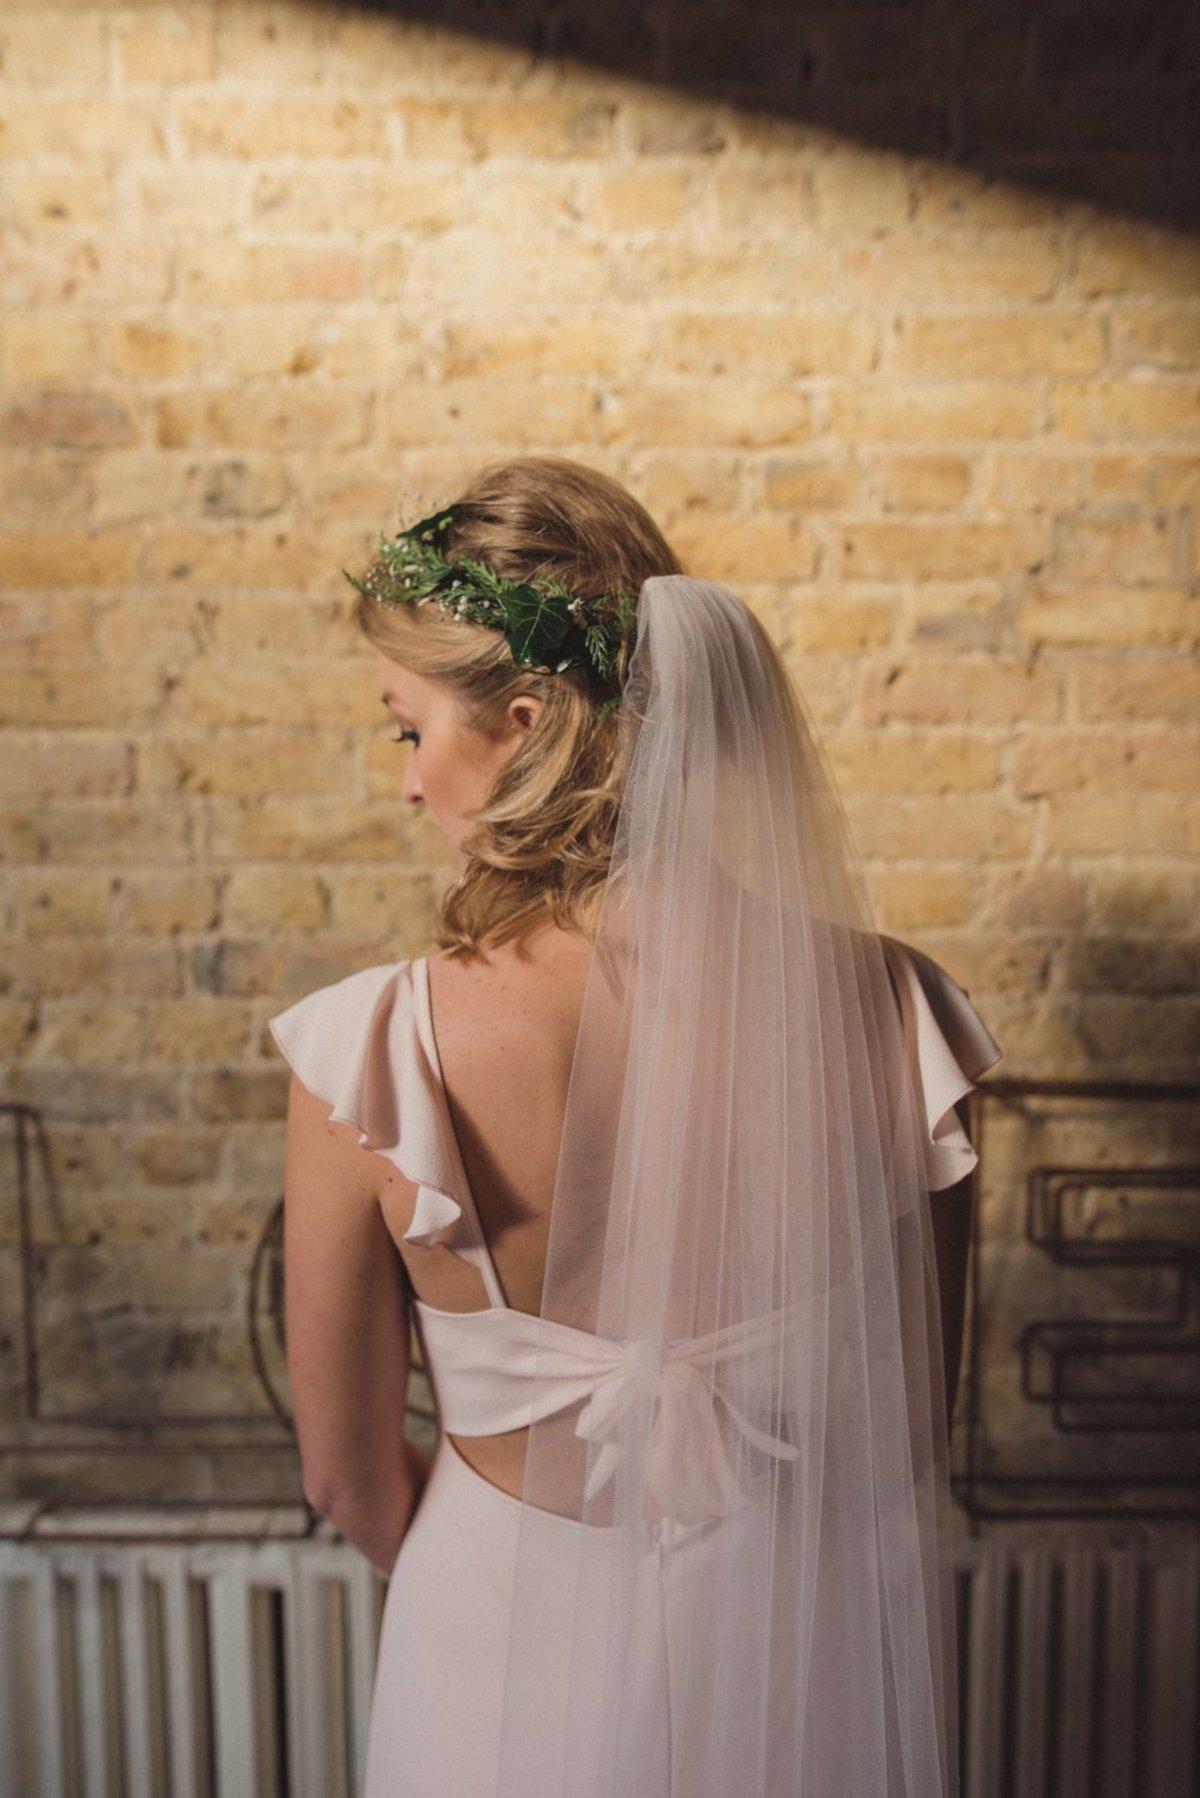 boho-veil-wedding-hair-accessories